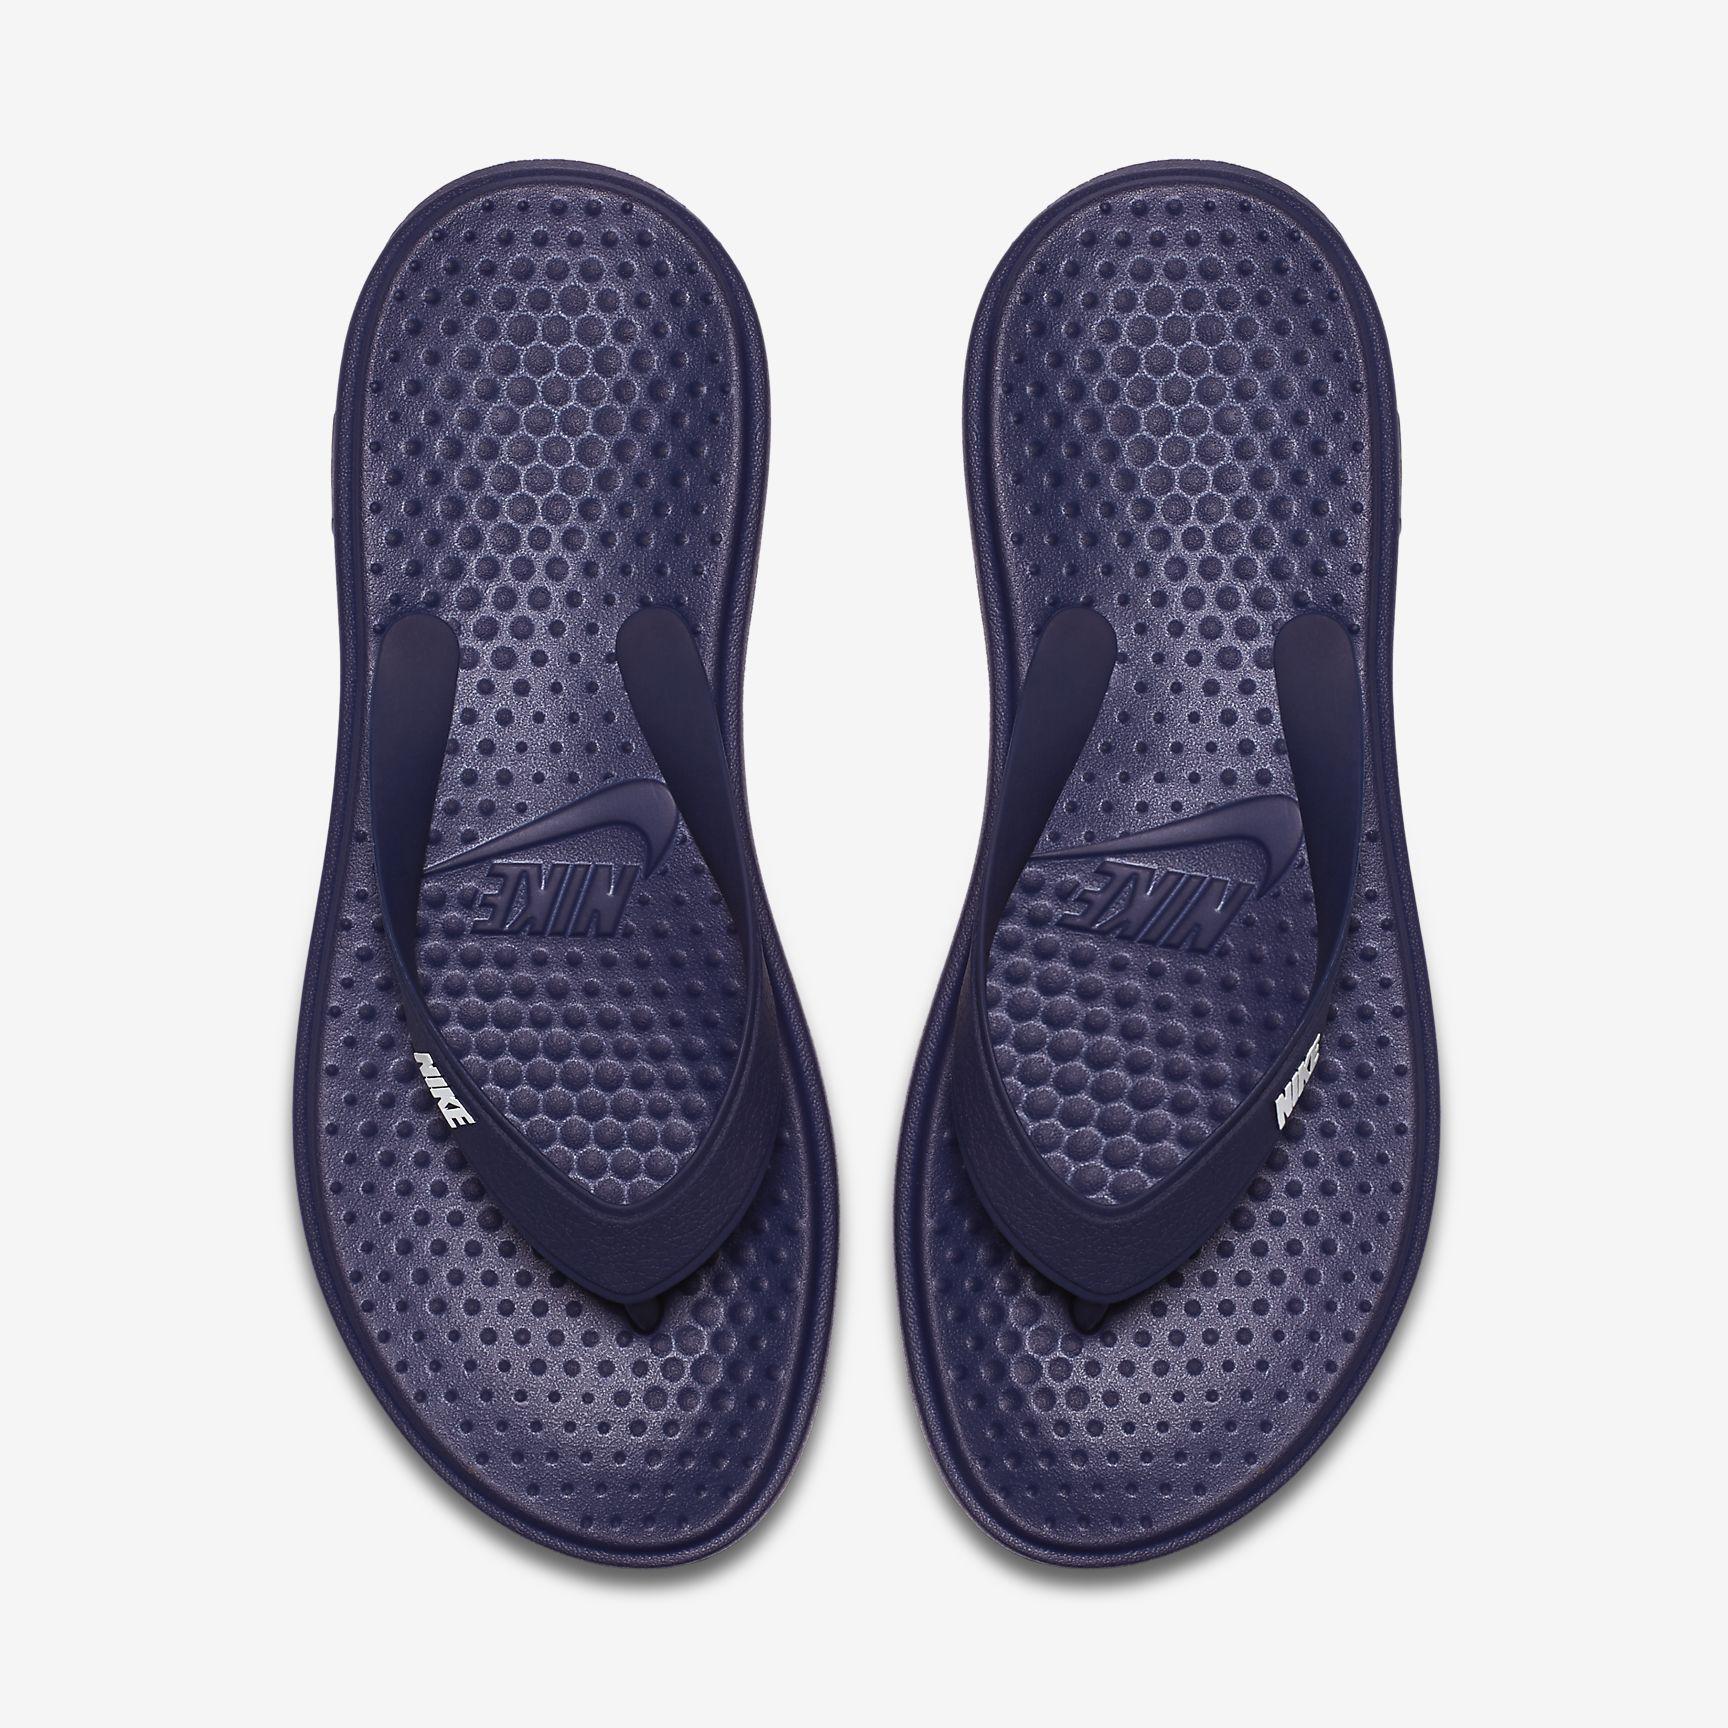 a40125a6a32c Nike Solay Thong (Flip Flops) - Binary Blue - Tennisnuts.com